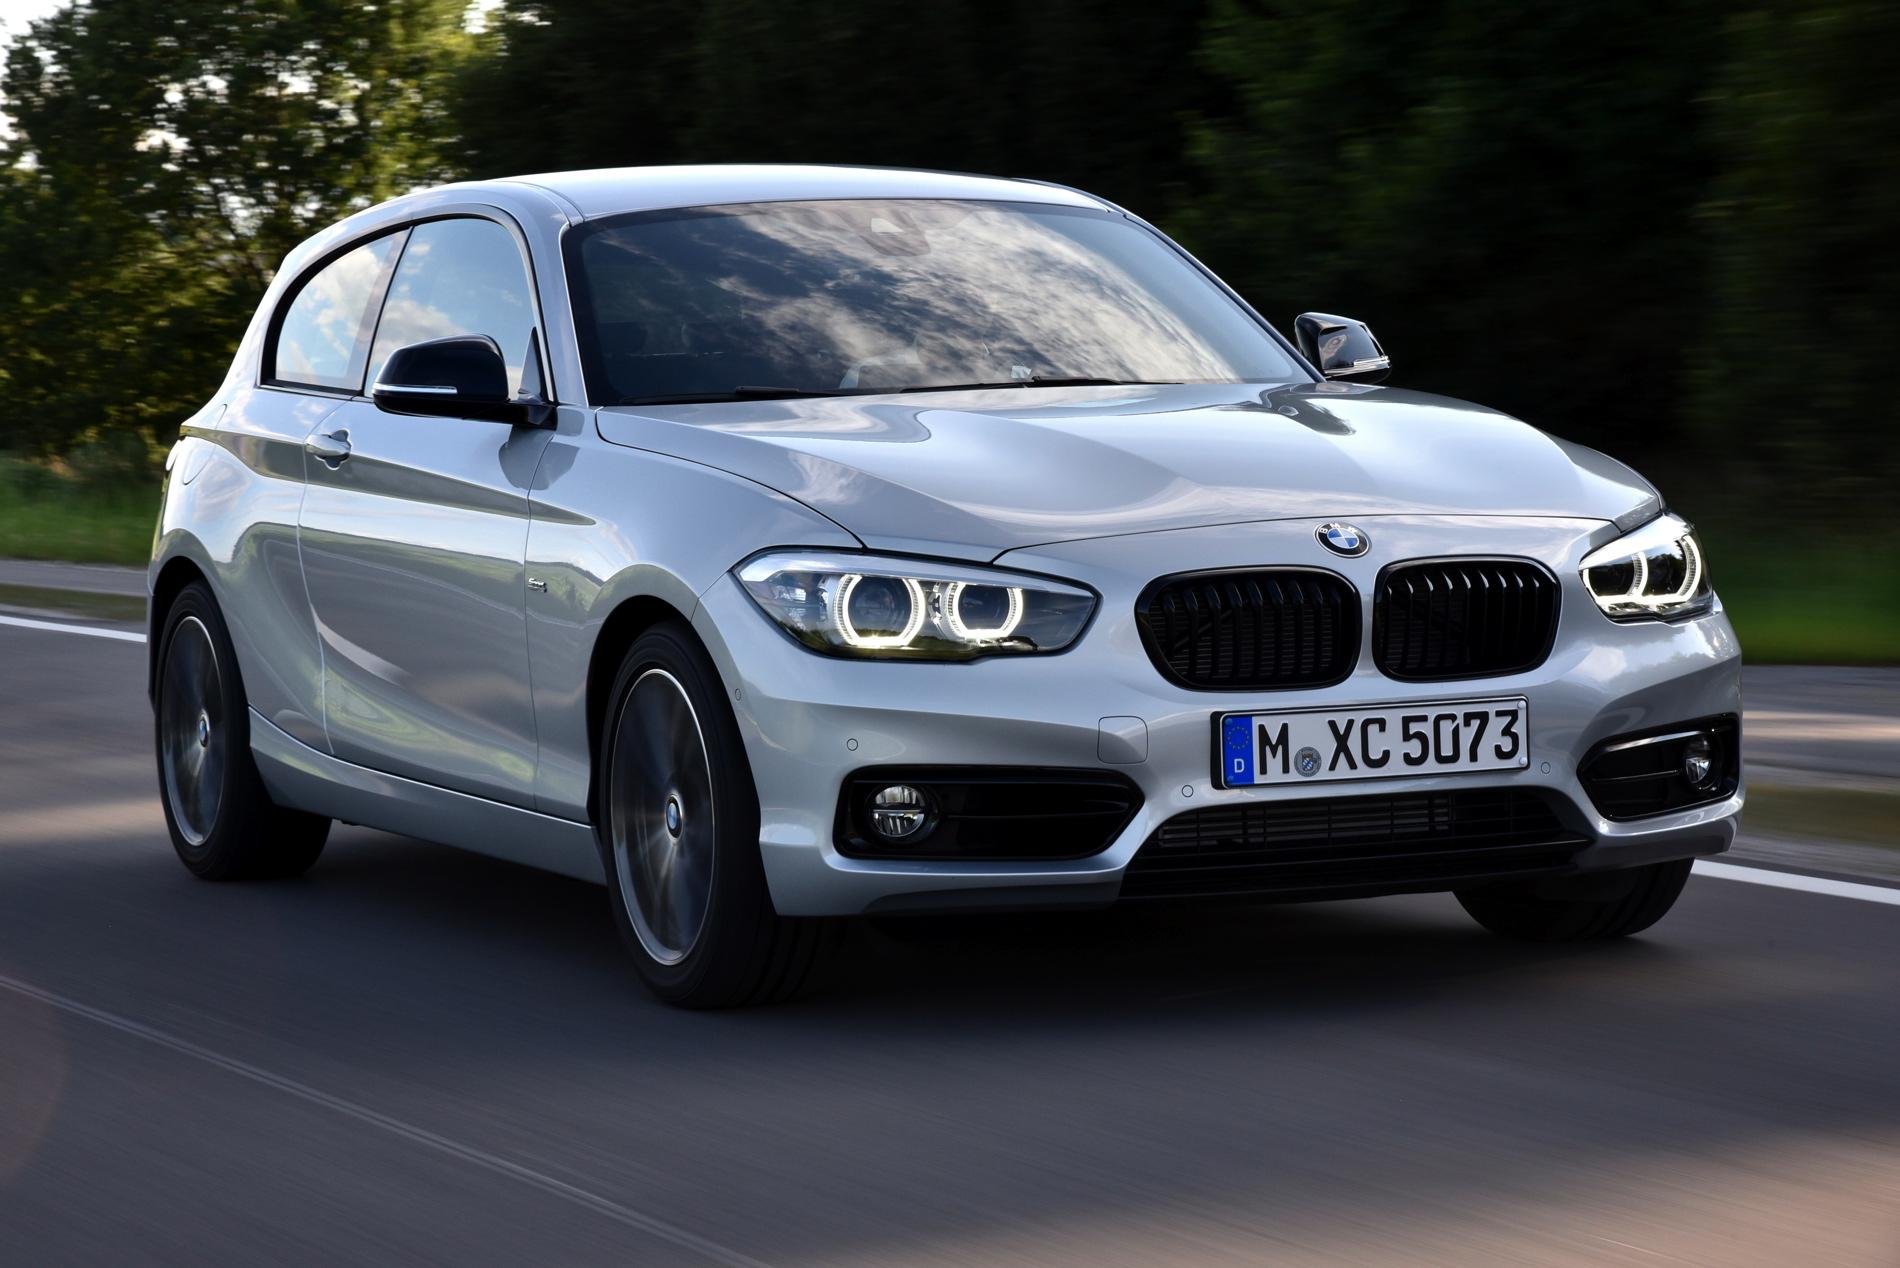 ВИДЕО: Пять не очень хороших моментов в хэтчбеке BMW 1 серии E87